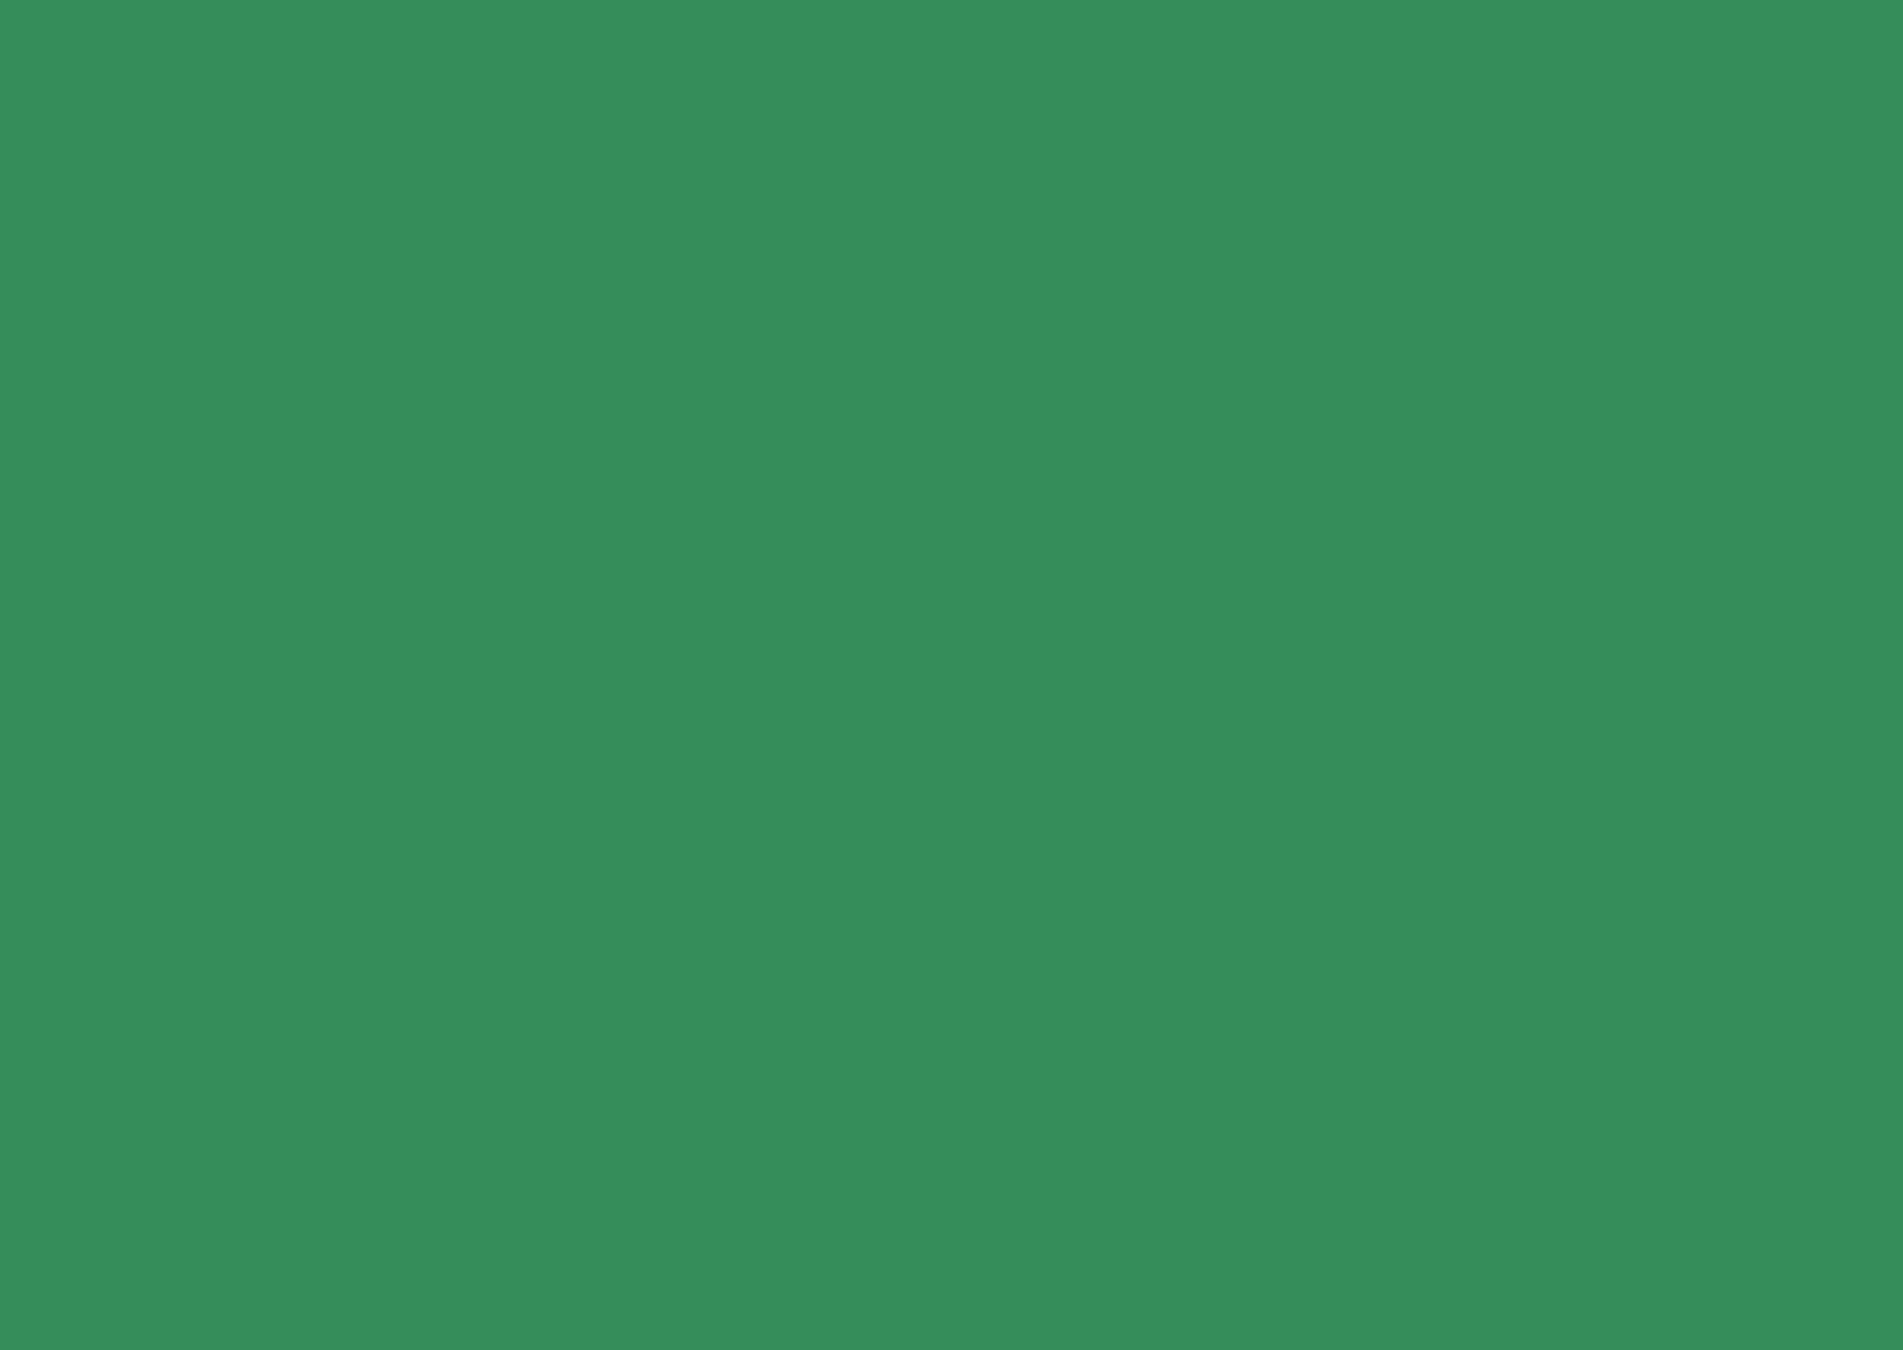 Verde Ventajas.png